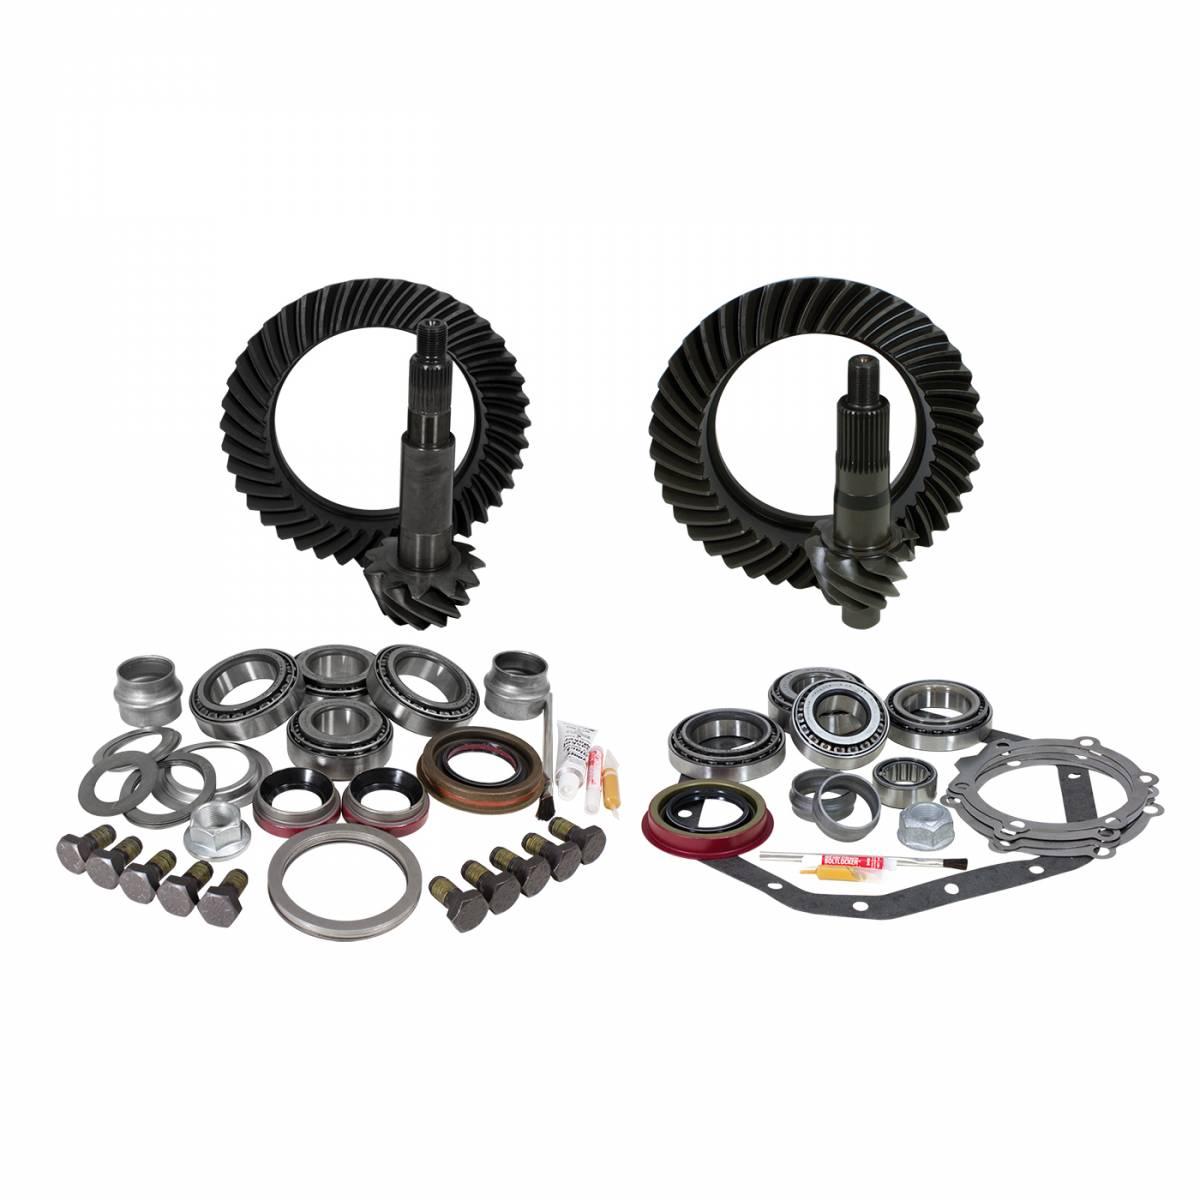 Yukon Gear Ygk020 Yukon Gear And Install Kit